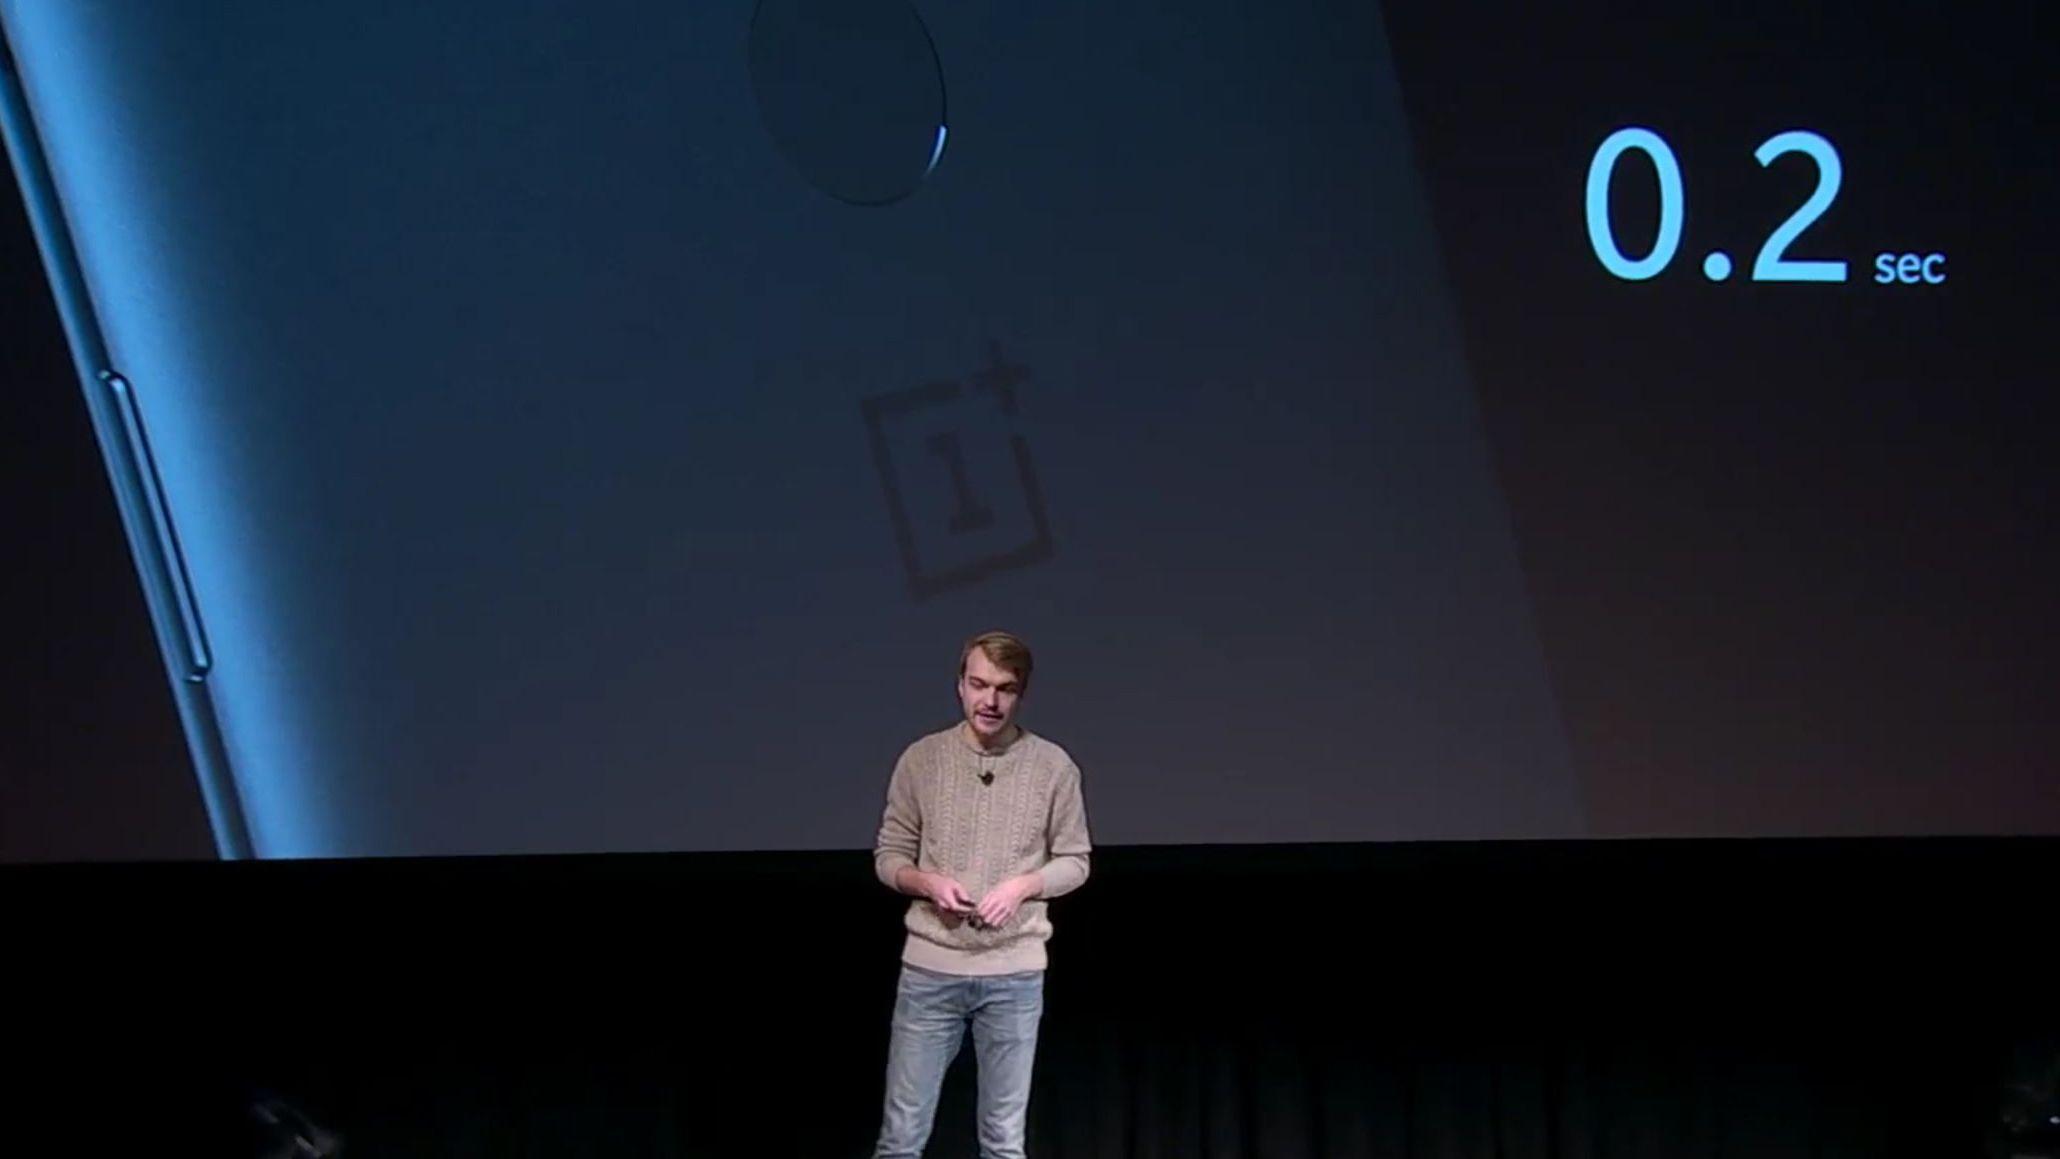 OnePlus 5T har fingerleser på baksiden, og en ansiktslås via frontkameraet. Sistnevnte er ikke god nok til å gi full sikkerhet, så den kan åpne låseskjermen, men ikke ta seg av betalinger og annen sensitiv informasjon. Bilde: Skjermdump, OnePlus